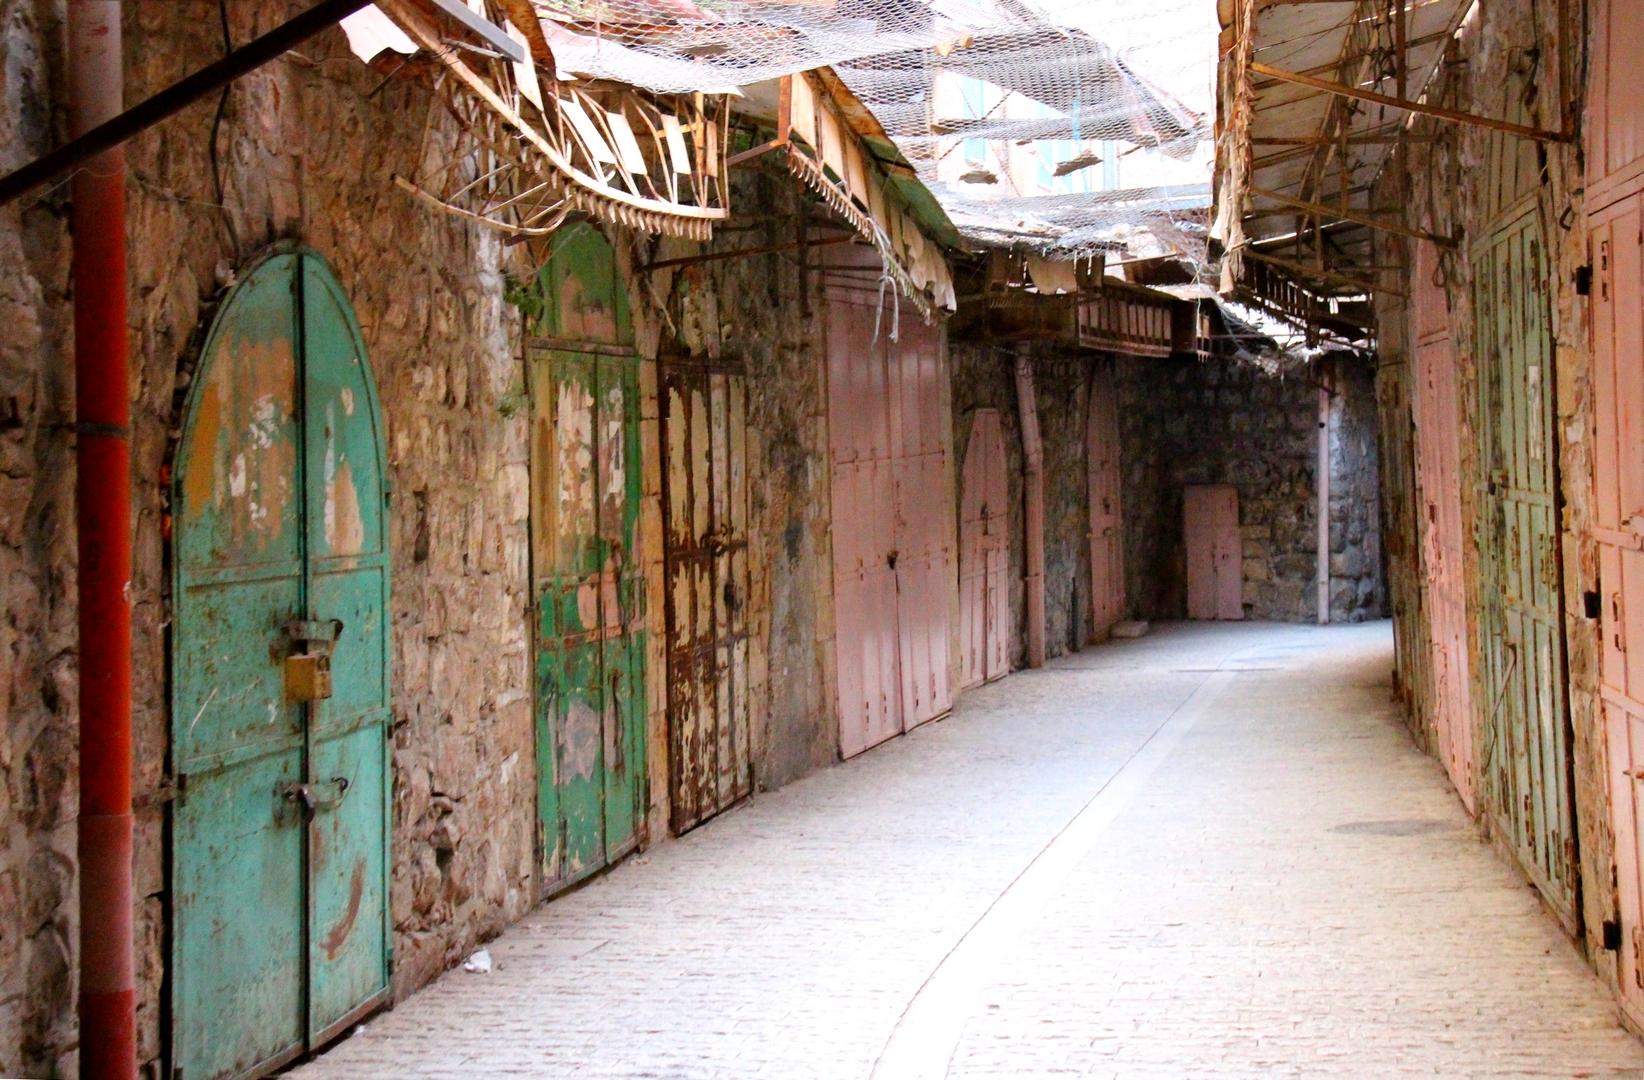 Israel Palestine - Les rues désertes de la ville fantôme de Hebron en Cisjordanie